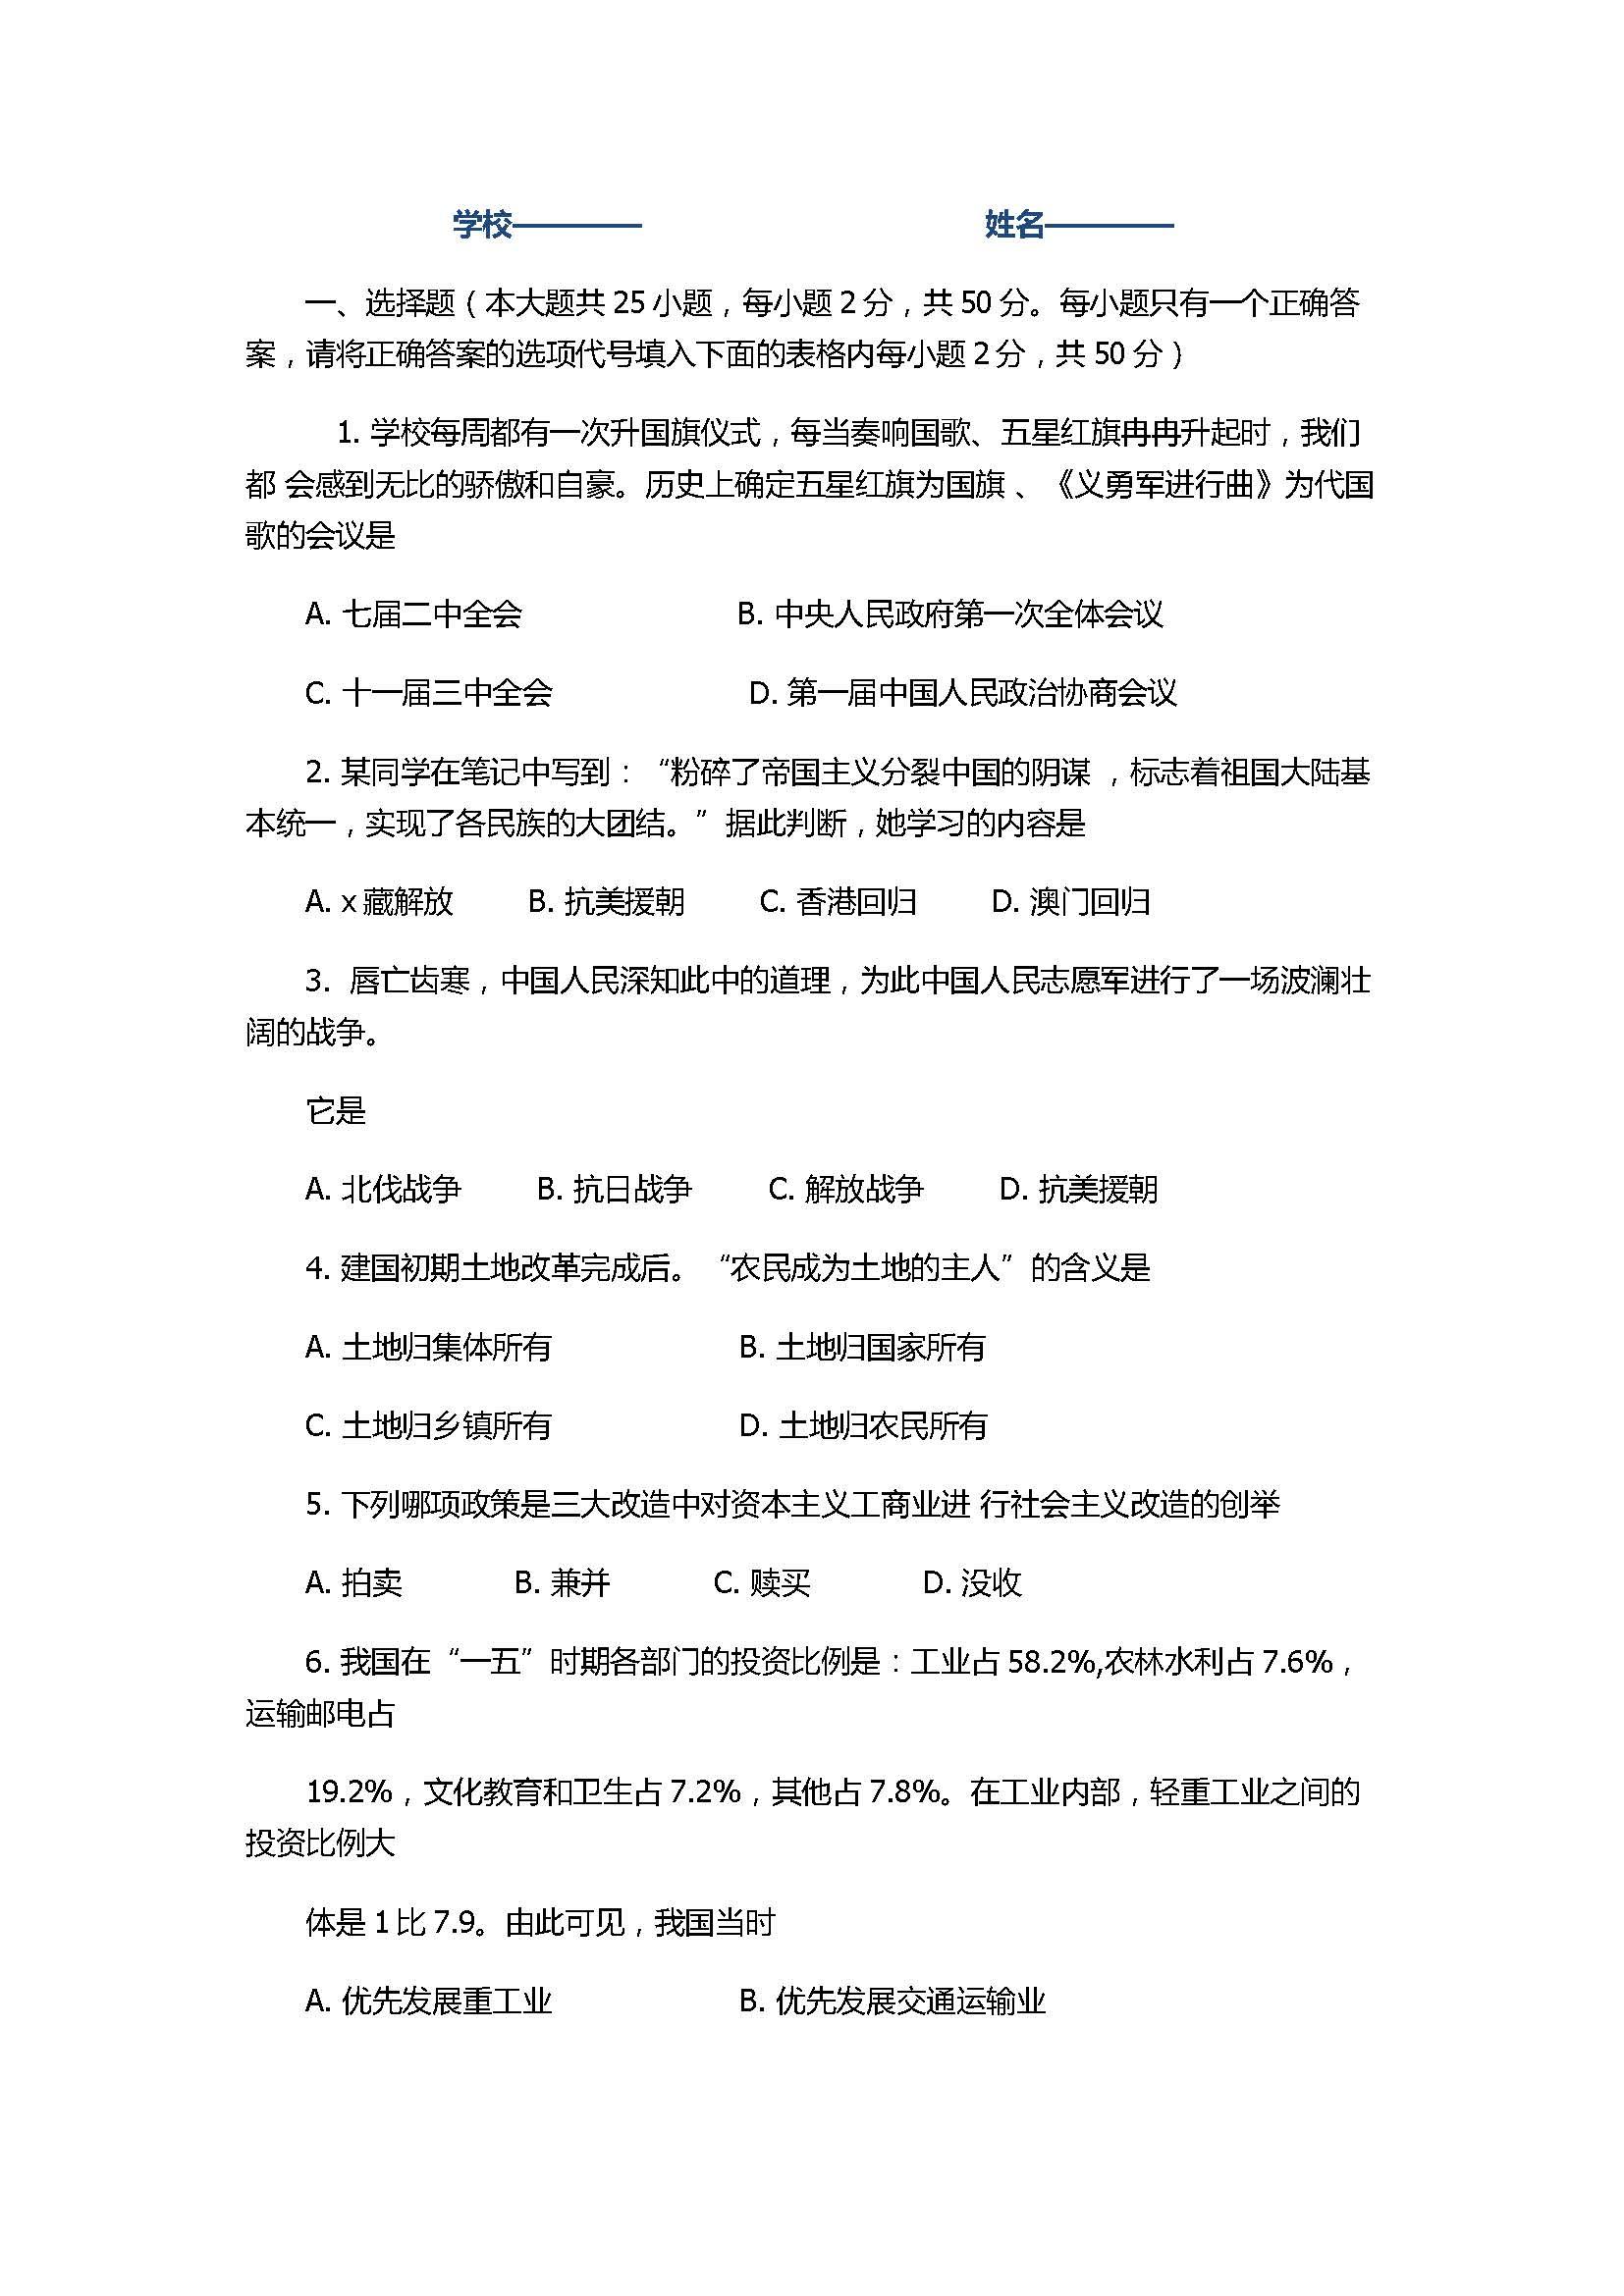 2017初二年级历史下册期末试题含参考答案(宁城县)